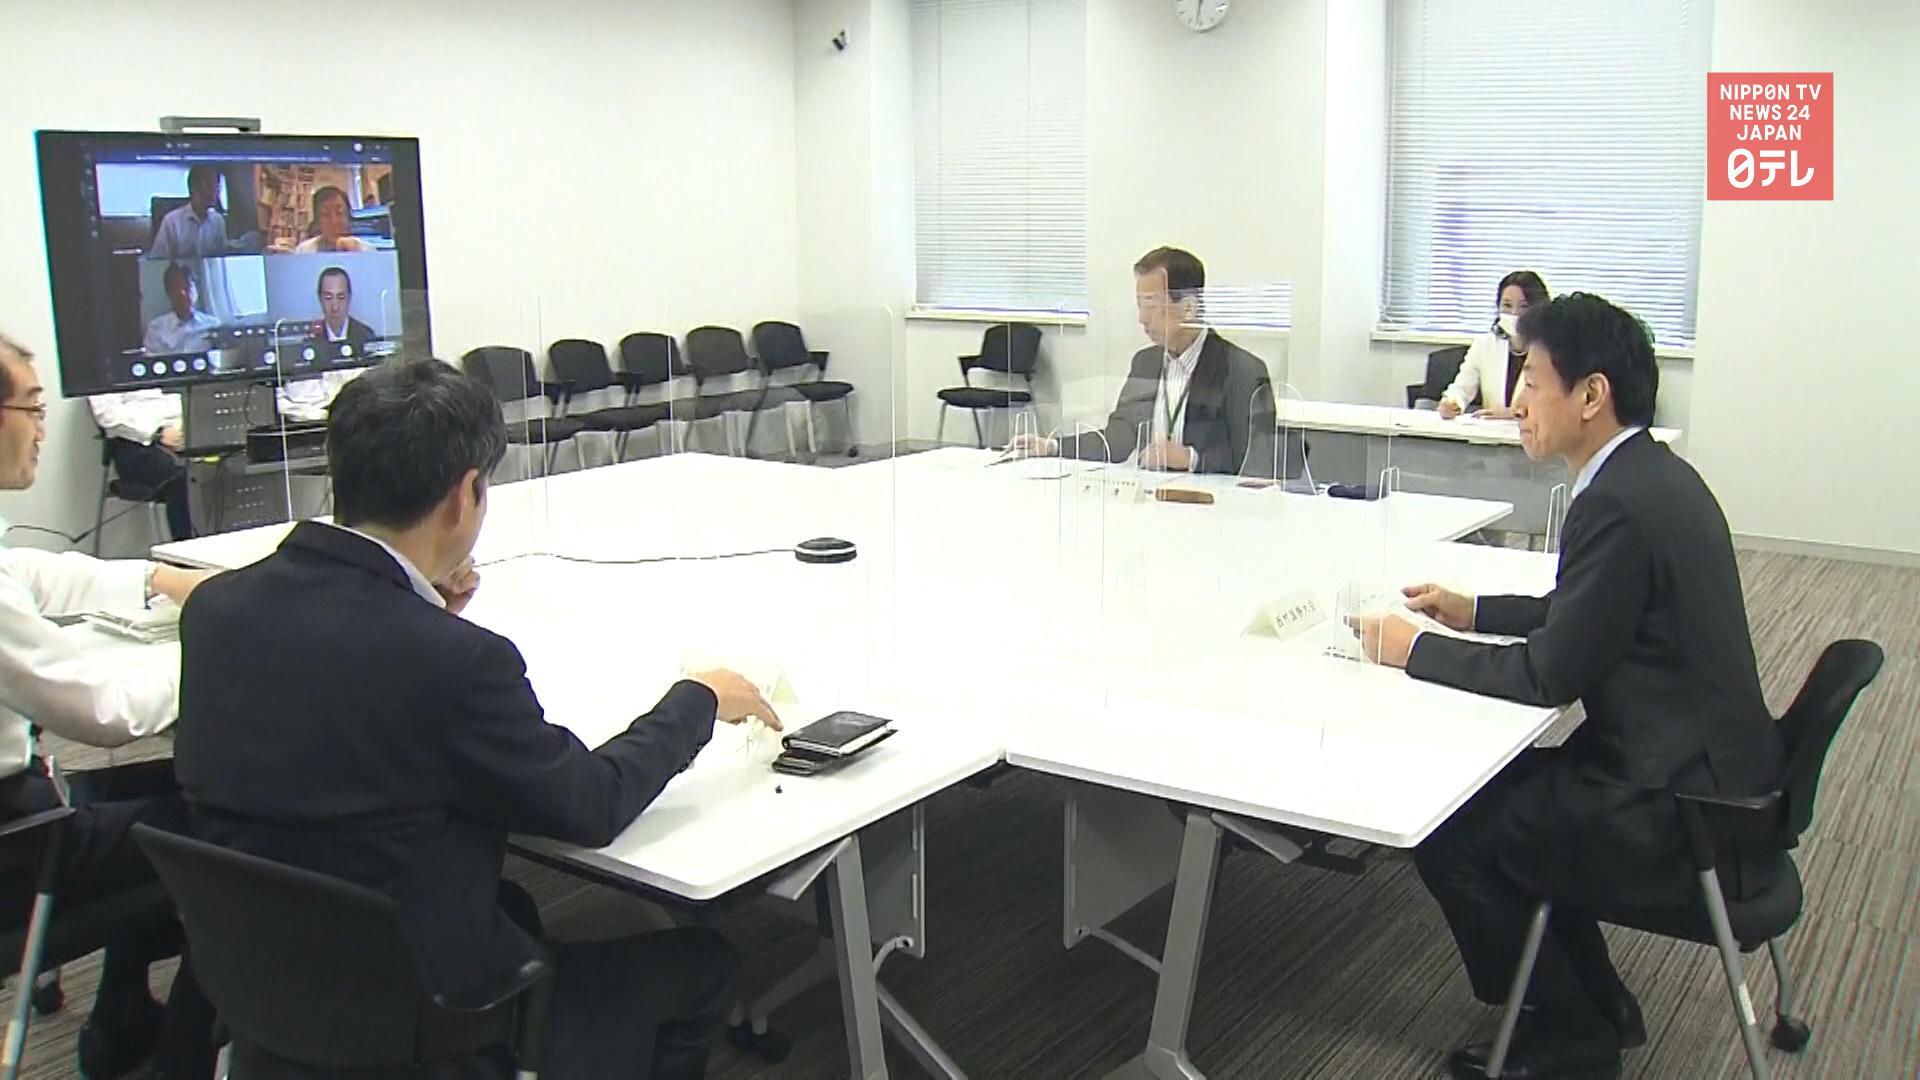 Japan looks to AI for coronavirus countermeasures